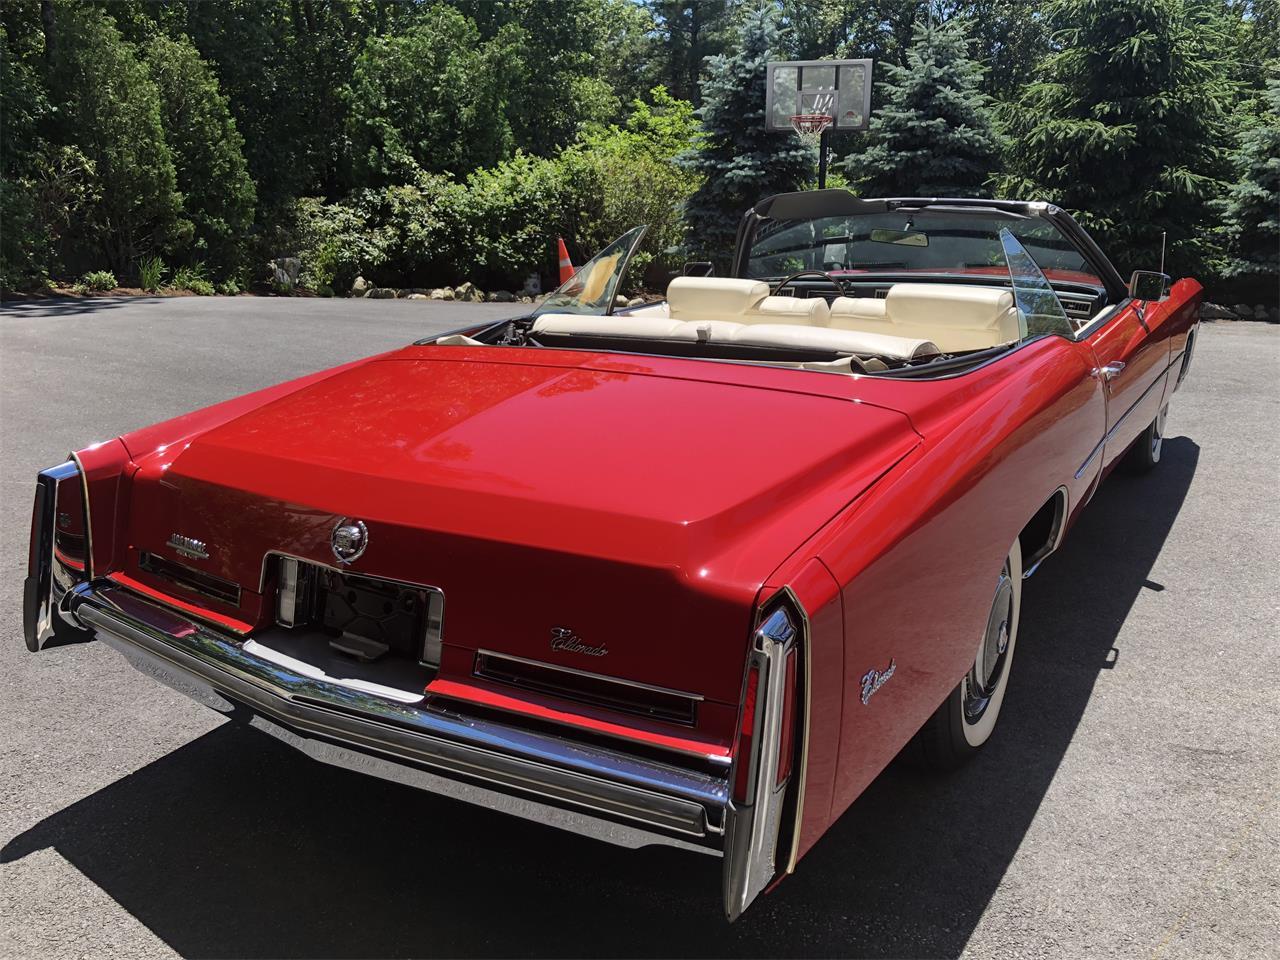 1976 Cadillac Eldorado For Sale Classiccars Com Cc 1138119